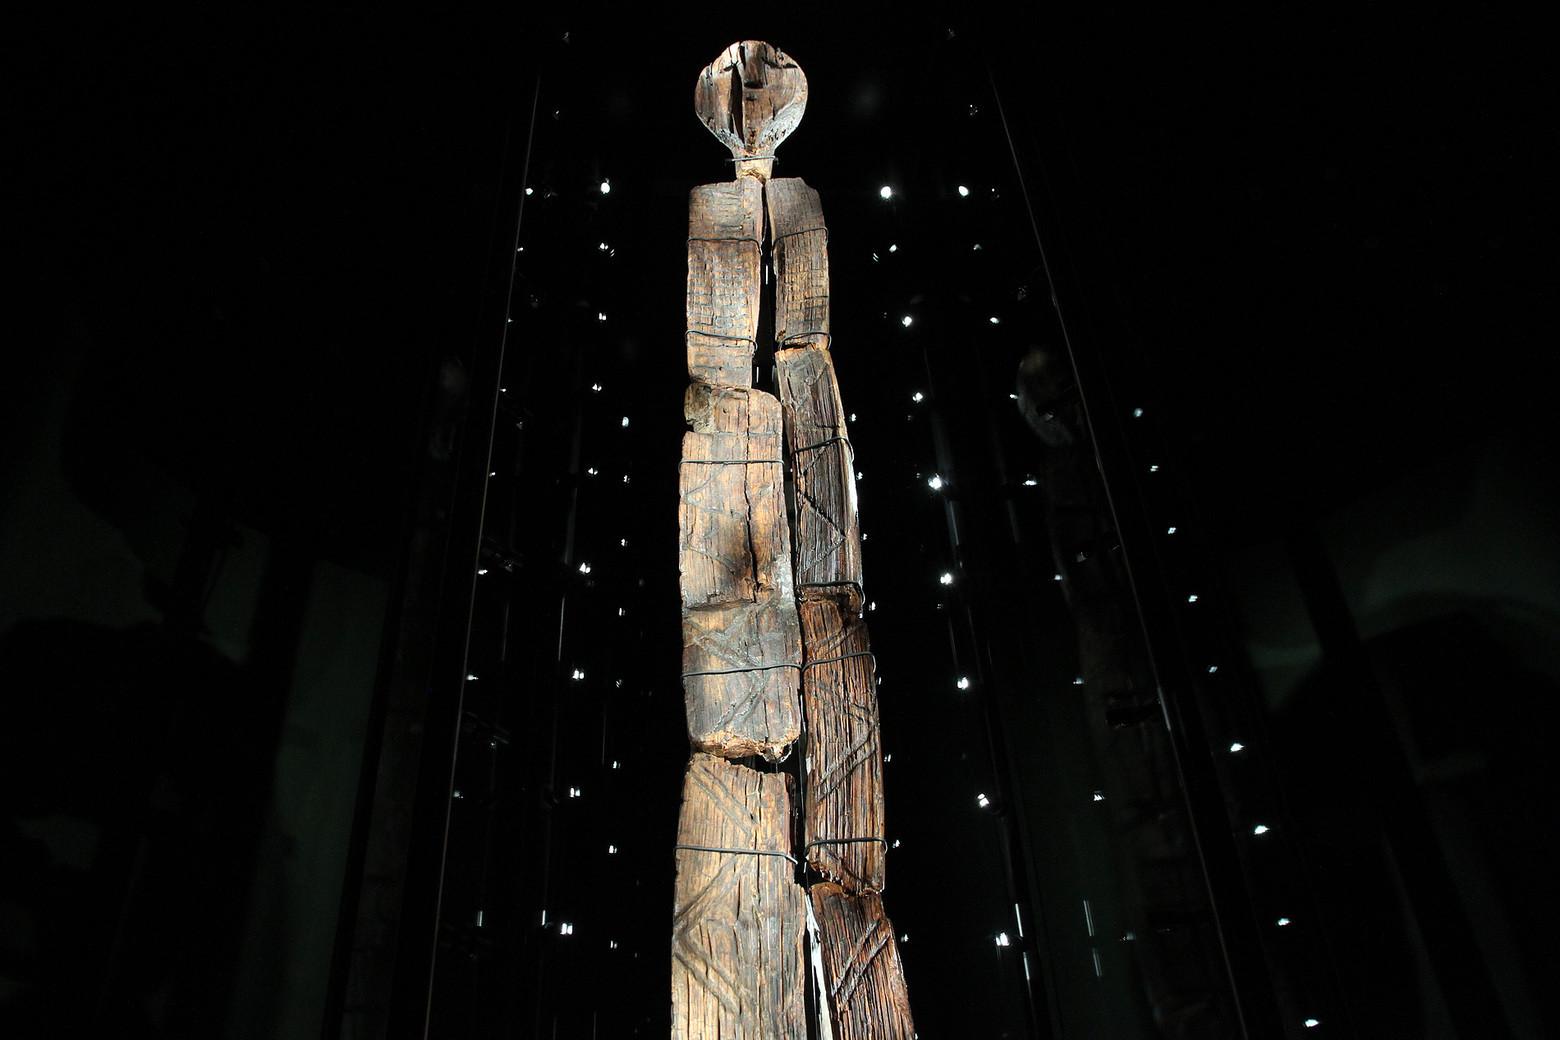 Деревянный идол железного века возрастом более 1600 лет нашли в ирландском болоте